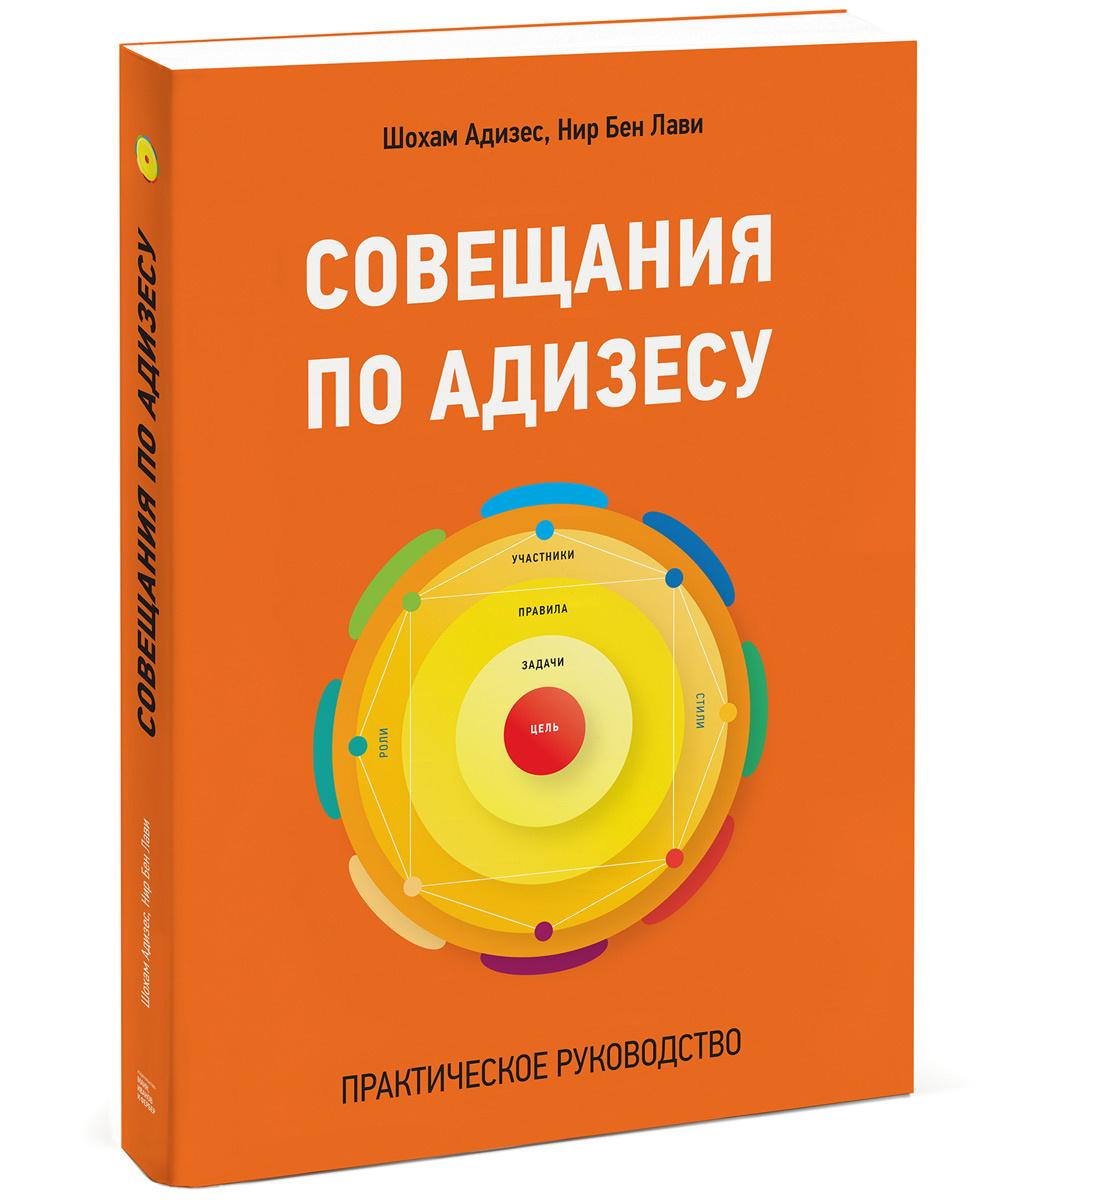 Совещания по Адизесу. Практическое руководство   Адизес Шохам, Бен Лави Нир  #1